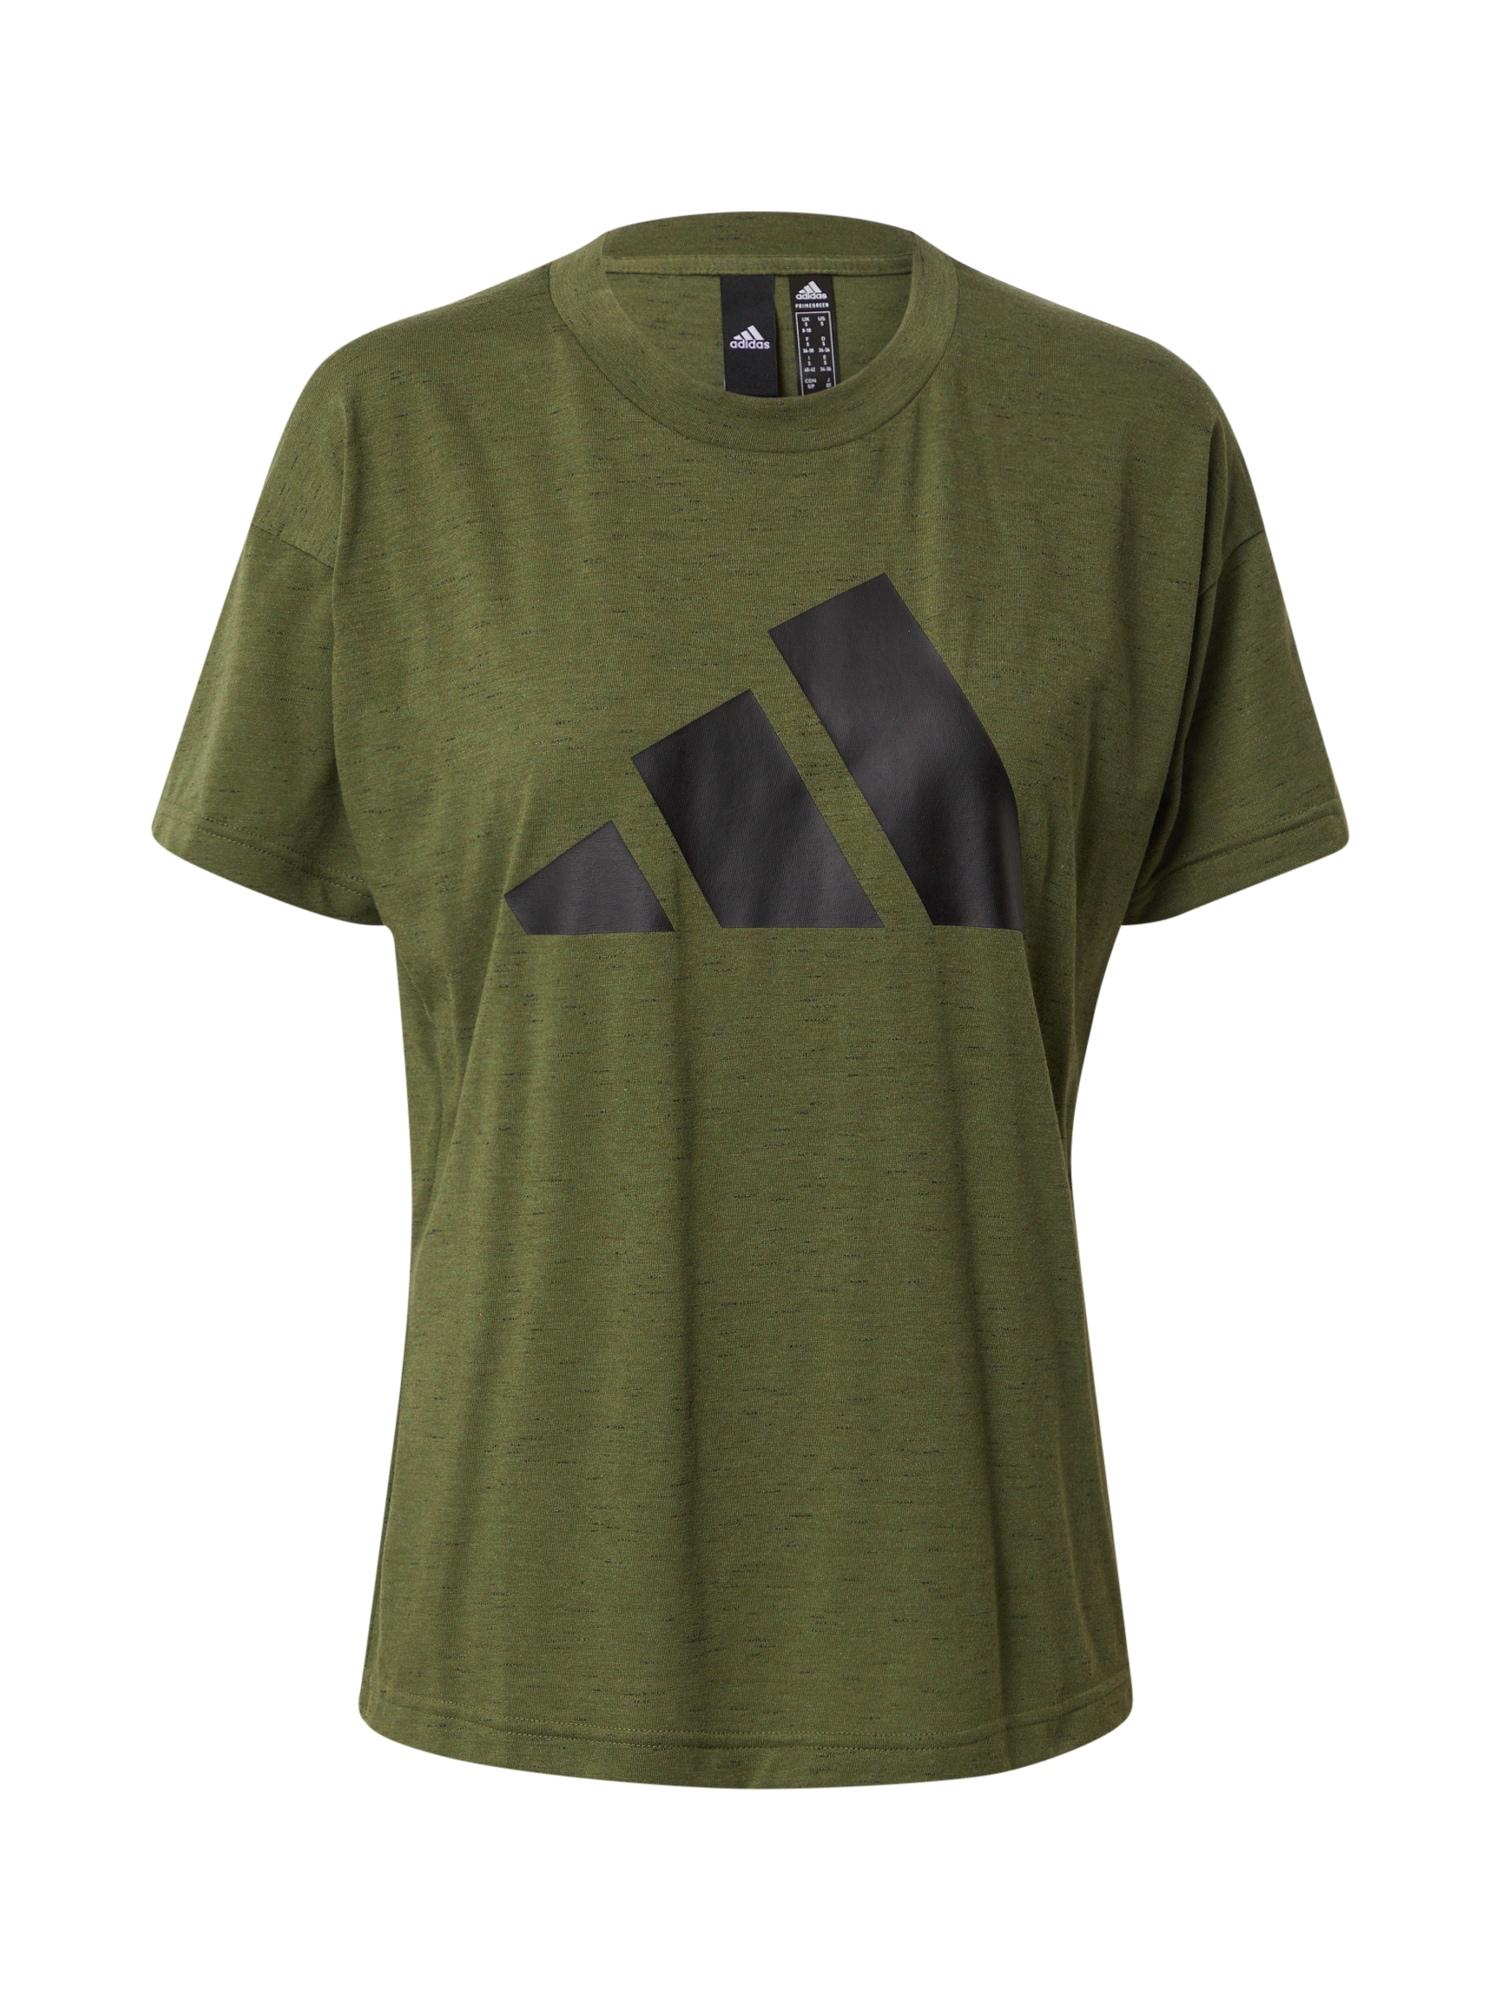 ADIDAS PERFORMANCE Sportiniai marškinėliai alyvuogių spalva / juoda